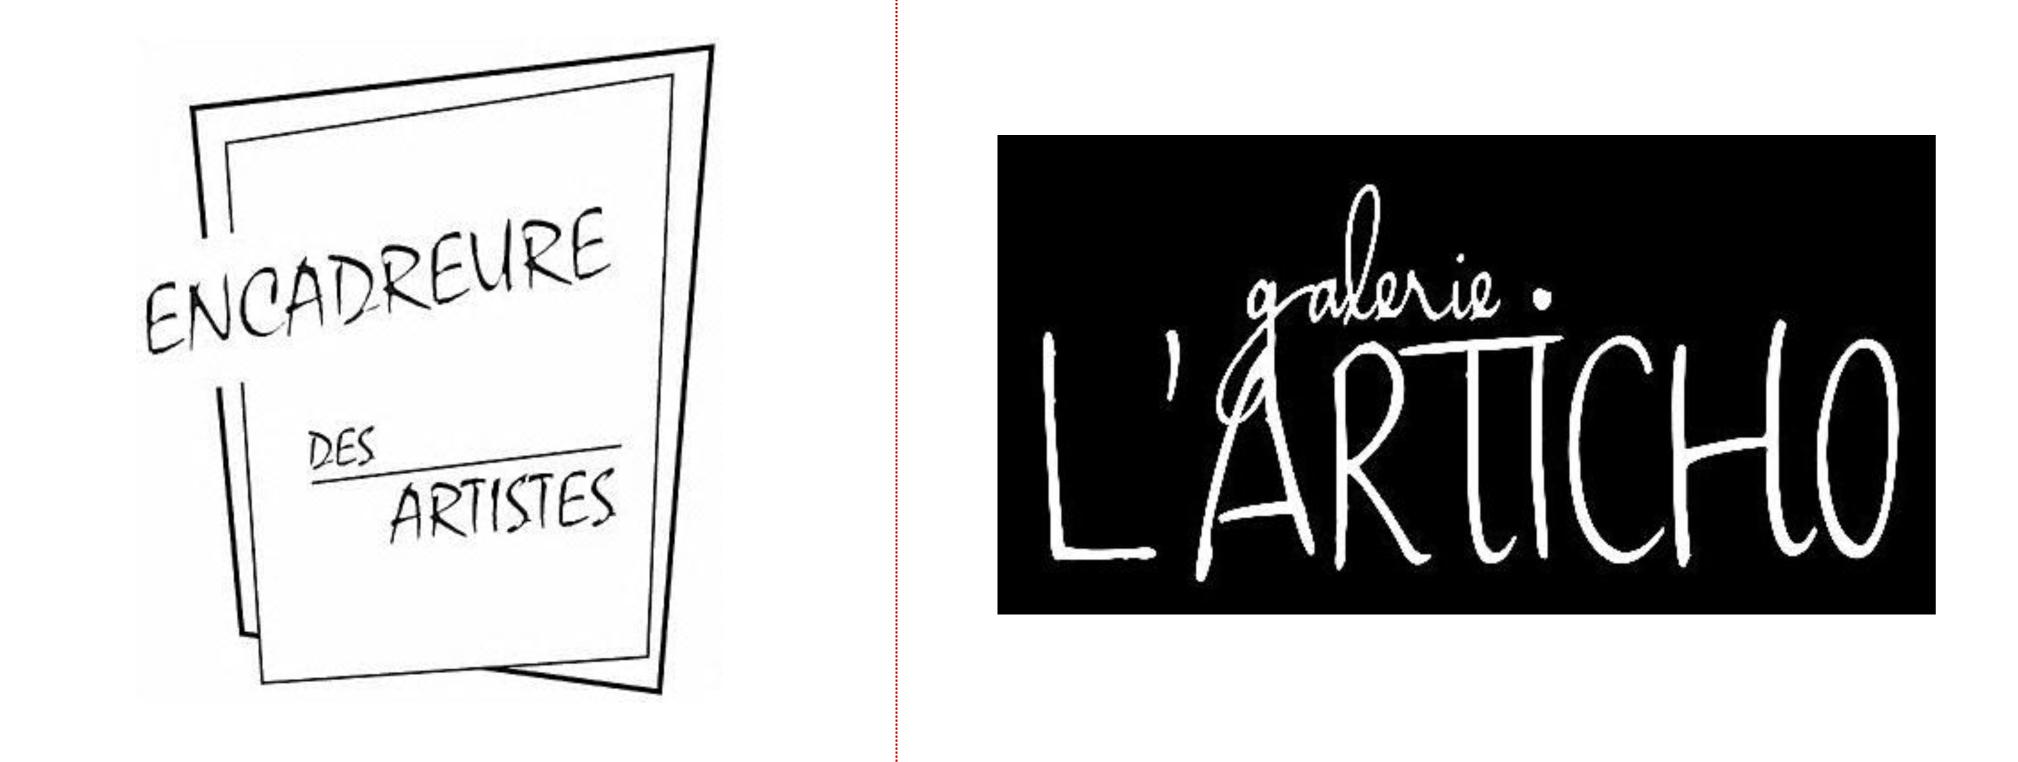 Galerie L'Articho – Encadreure des artistes